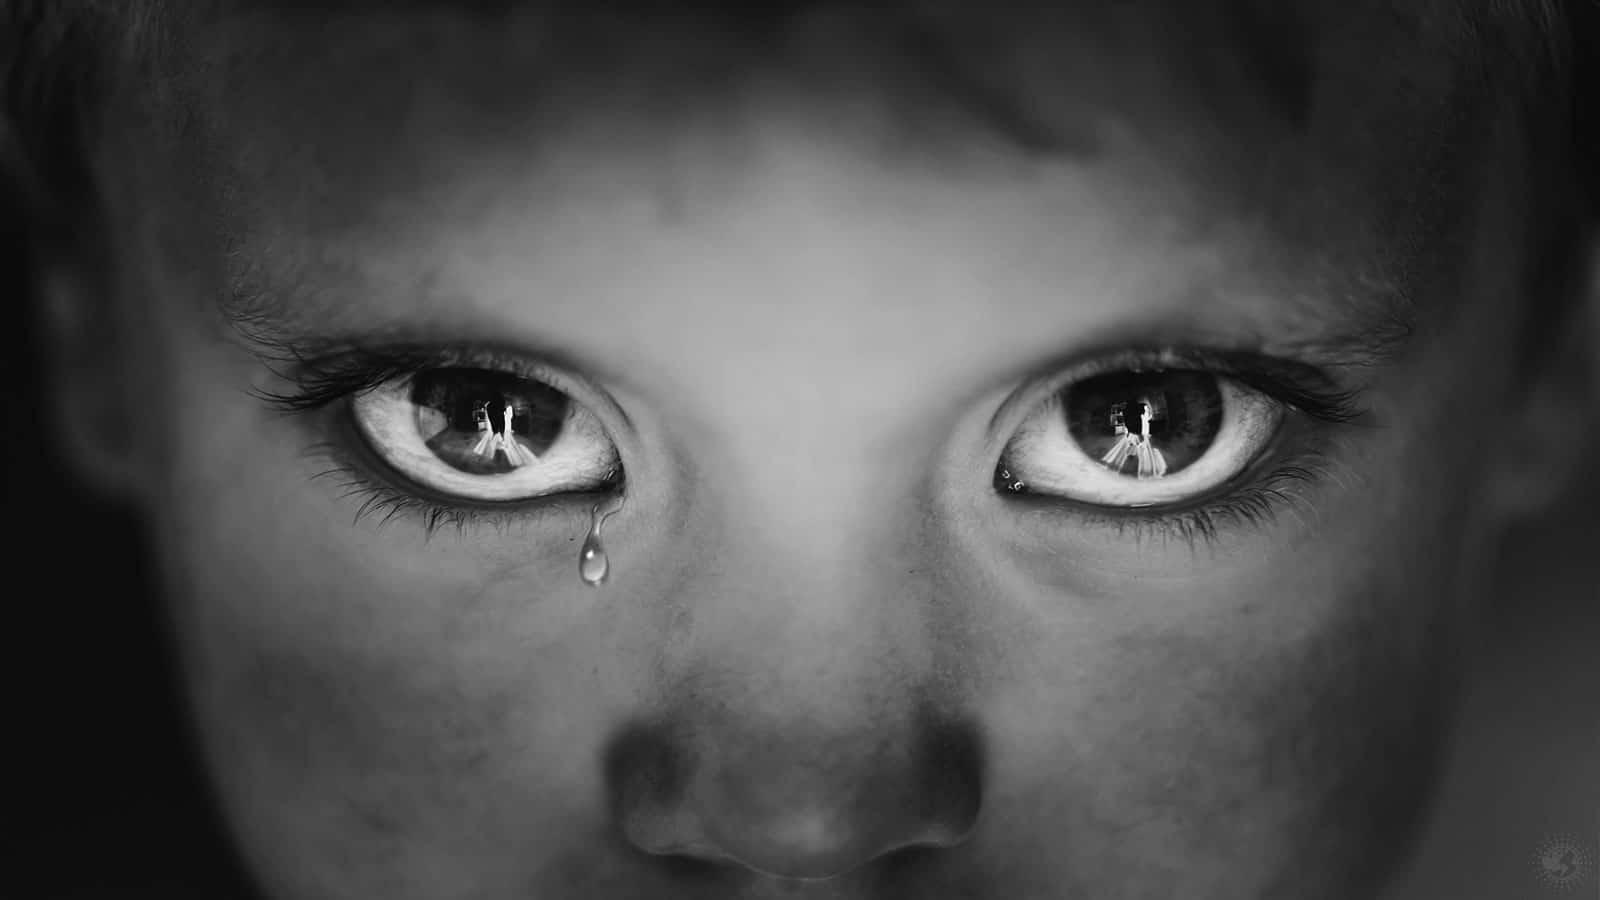 La strage degli innocenti<br>Troppi bambini vittime degli adulti